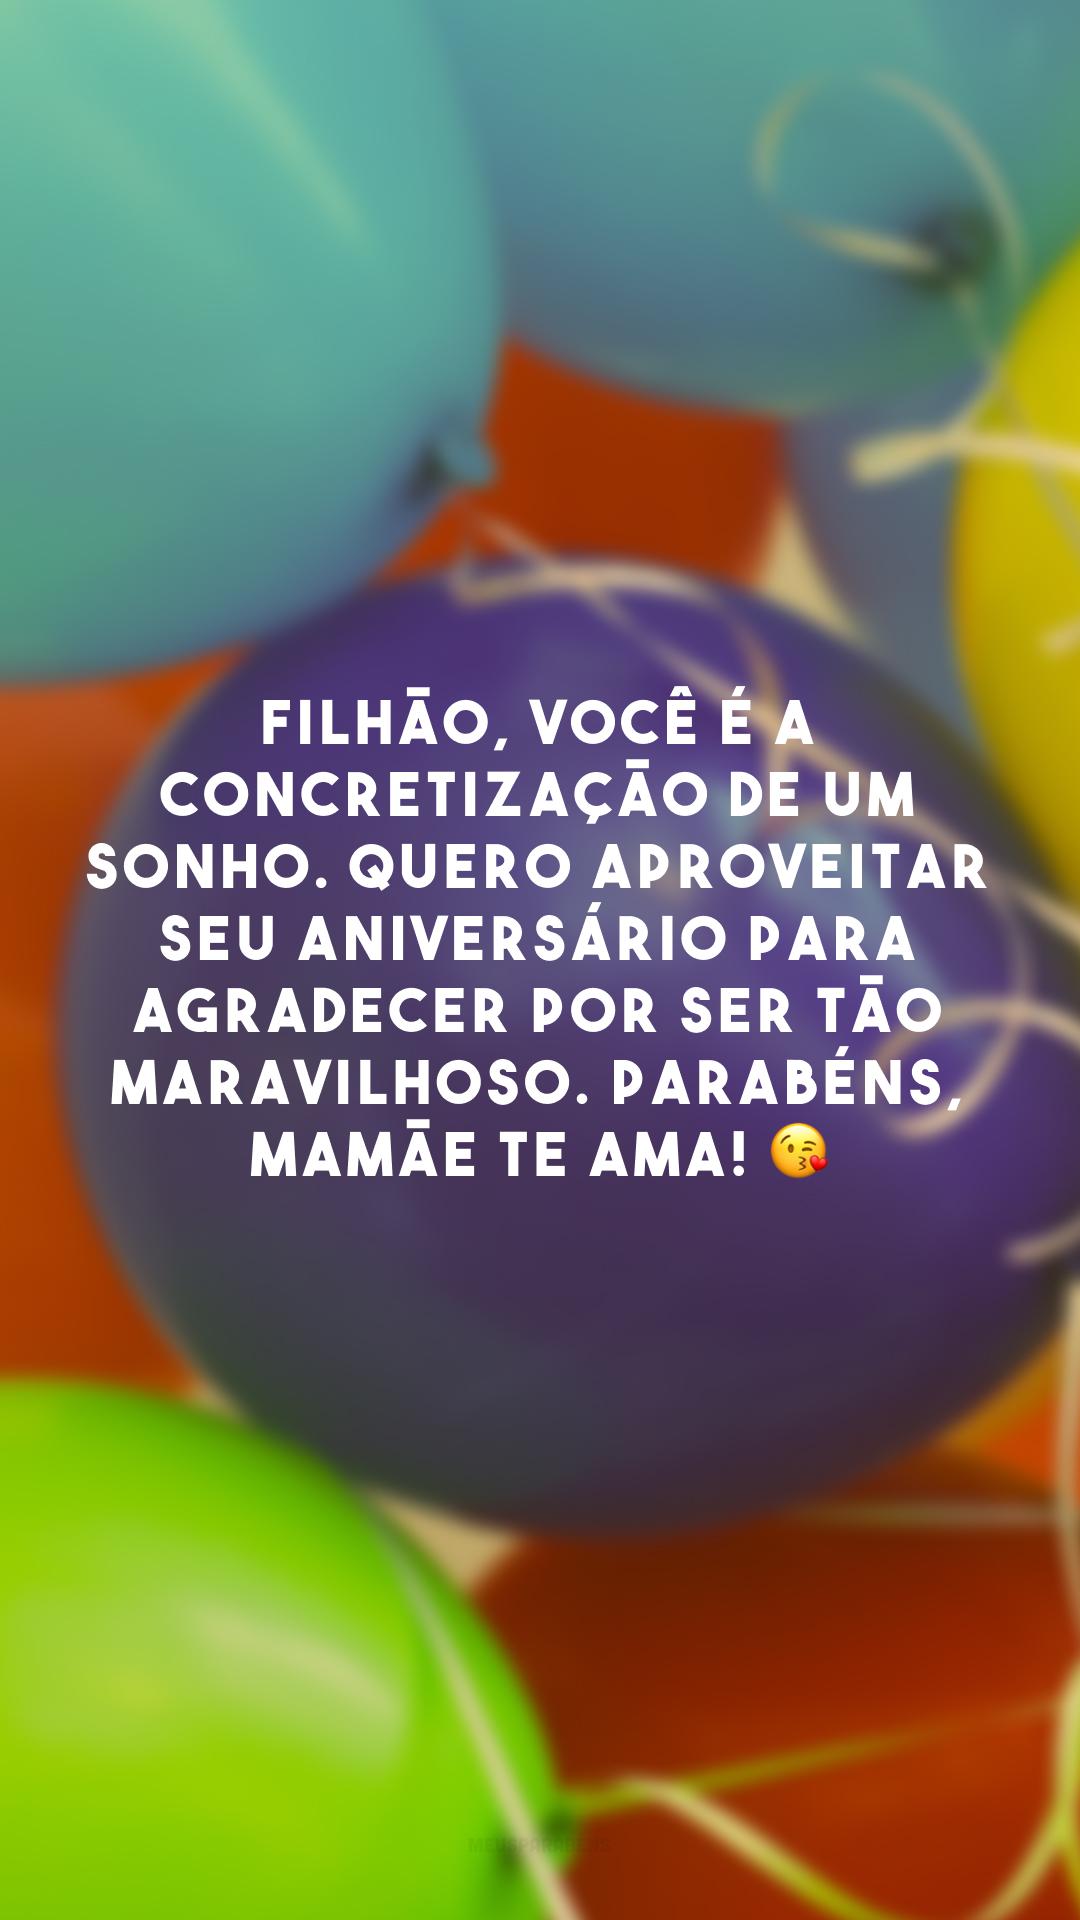 Filhão, você é a concretização de um sonho. Quero aproveitar seu aniversário para agradecer por ser tão maravilhoso. Parabéns, mamãe te ama! 😘